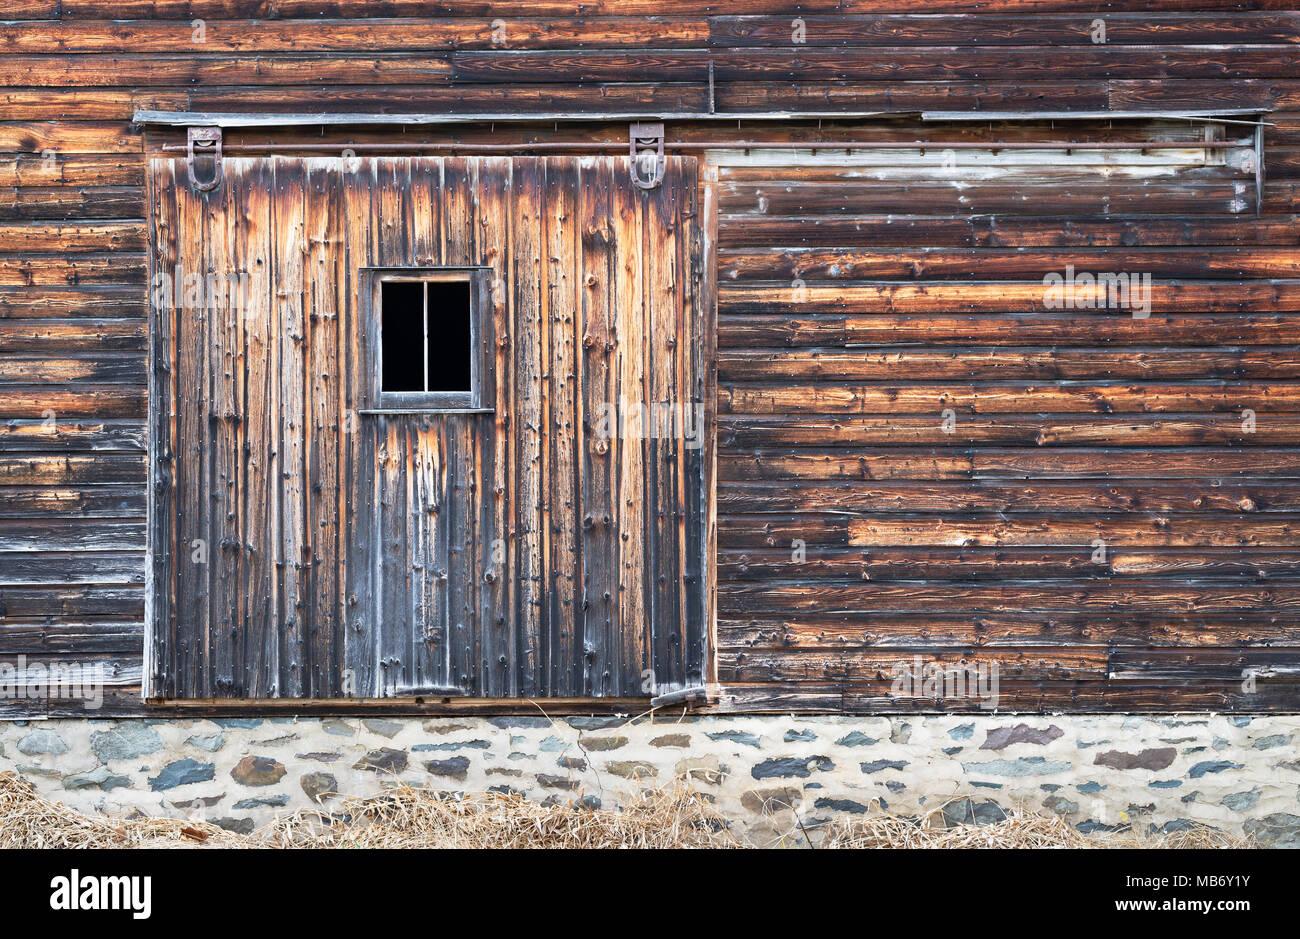 Facade Of Barn Stockfotos & Facade Of Barn Bilder - Seite 3 - Alamy